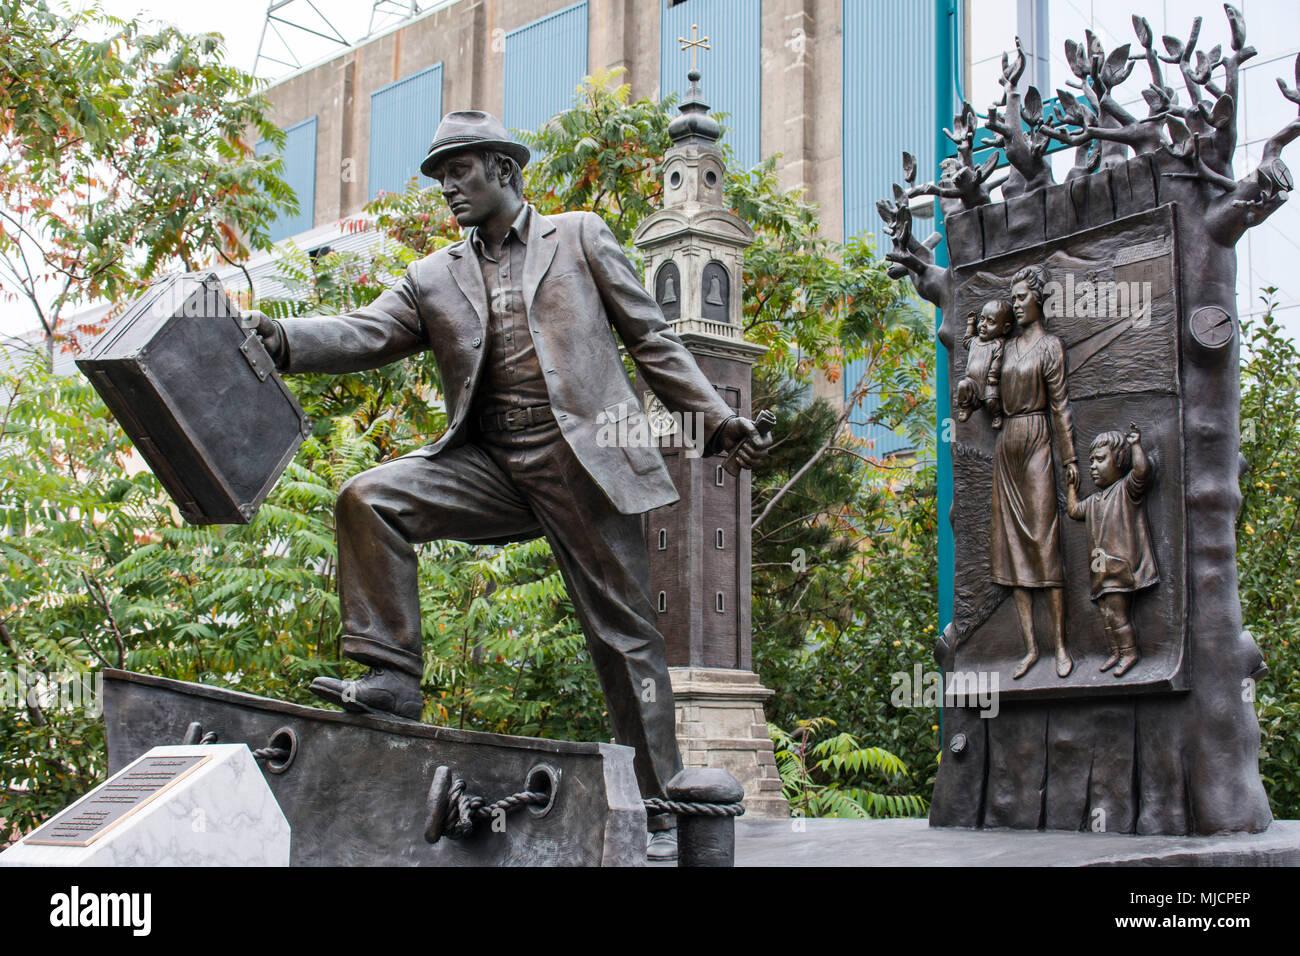 Emigrant Statue, Halifax, Canada - Stock Image